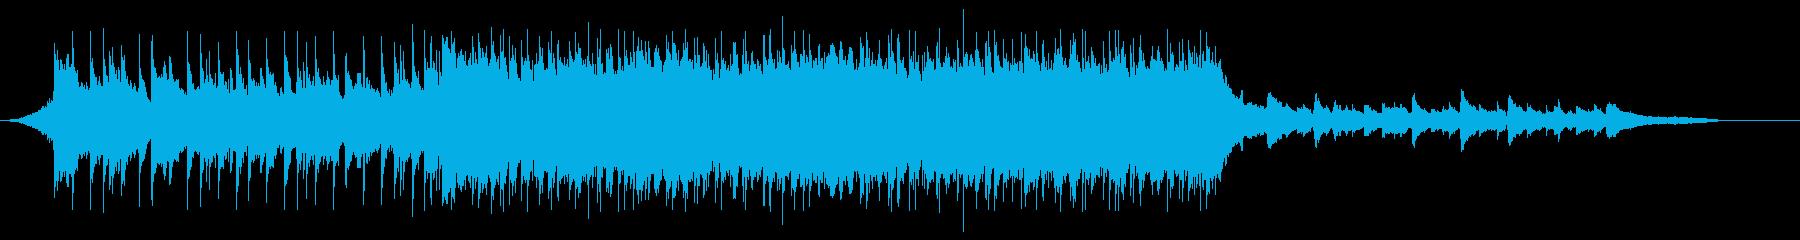 VP系27D、スポーツ系、爽やかロックの再生済みの波形